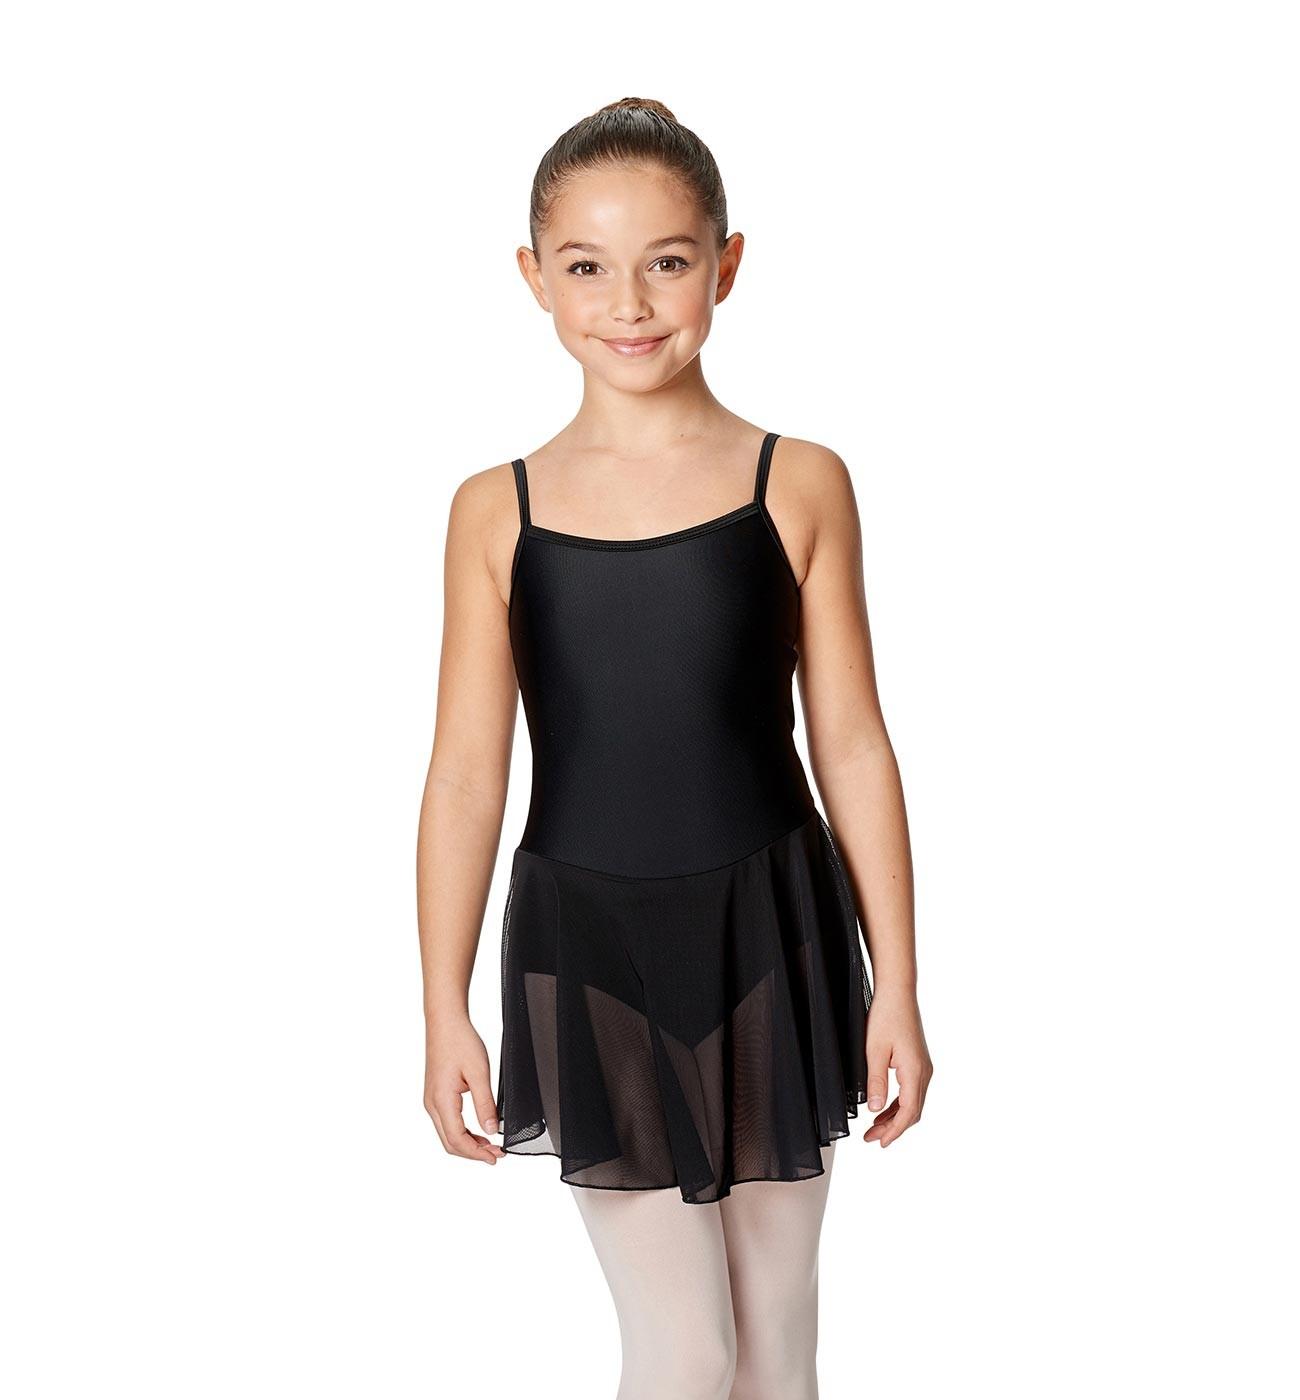 שחור שמלה לילדות Lillian של Lulli כתפיות דקות וחצאית LUB254C